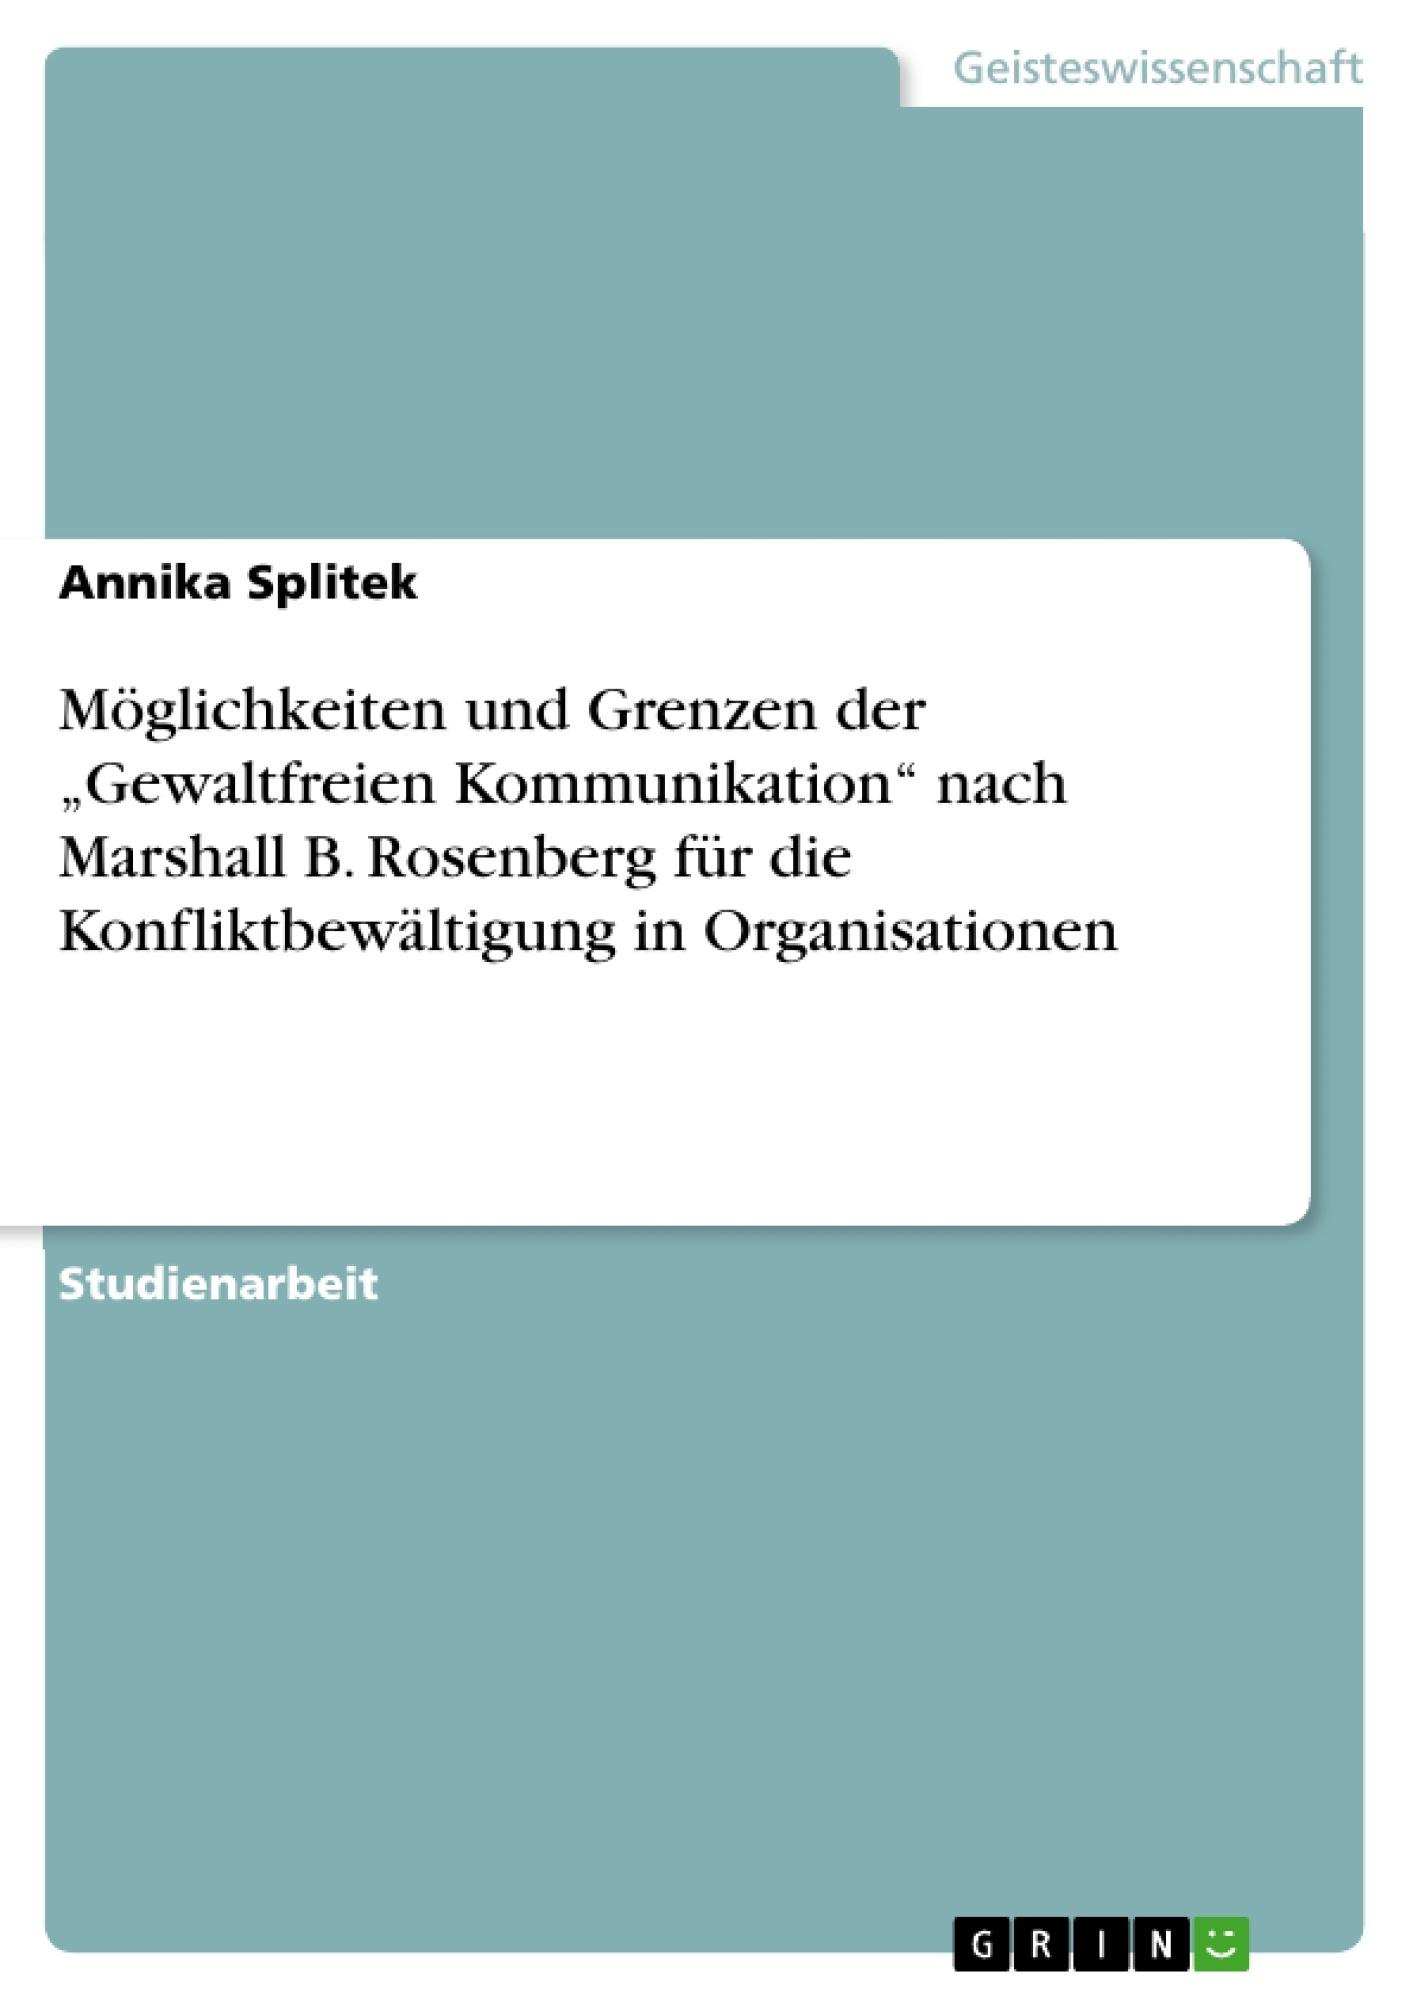 """Titel: Möglichkeiten und Grenzen der """"Gewaltfreien Kommunikation"""" nach Marshall B. Rosenberg für die Konfliktbewältigung in Organisationen"""